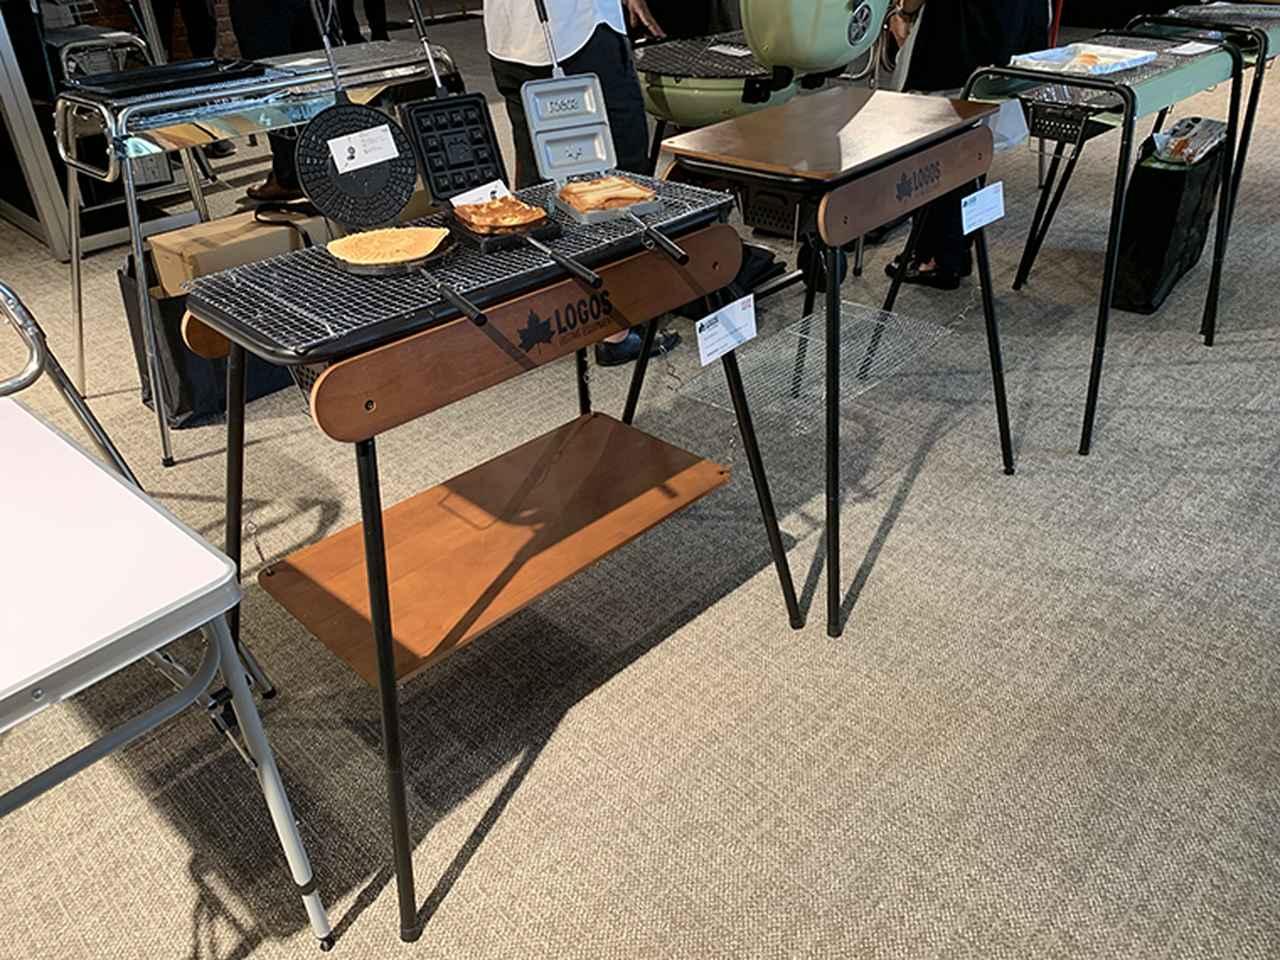 画像: ロゴス「eco-logosave アイアンウッドグリル」はサイズ違いで2タイプ用意。付属の木製パネルは天板やラックとして使える。「80XL」が23,500円、「80L」は19,900円